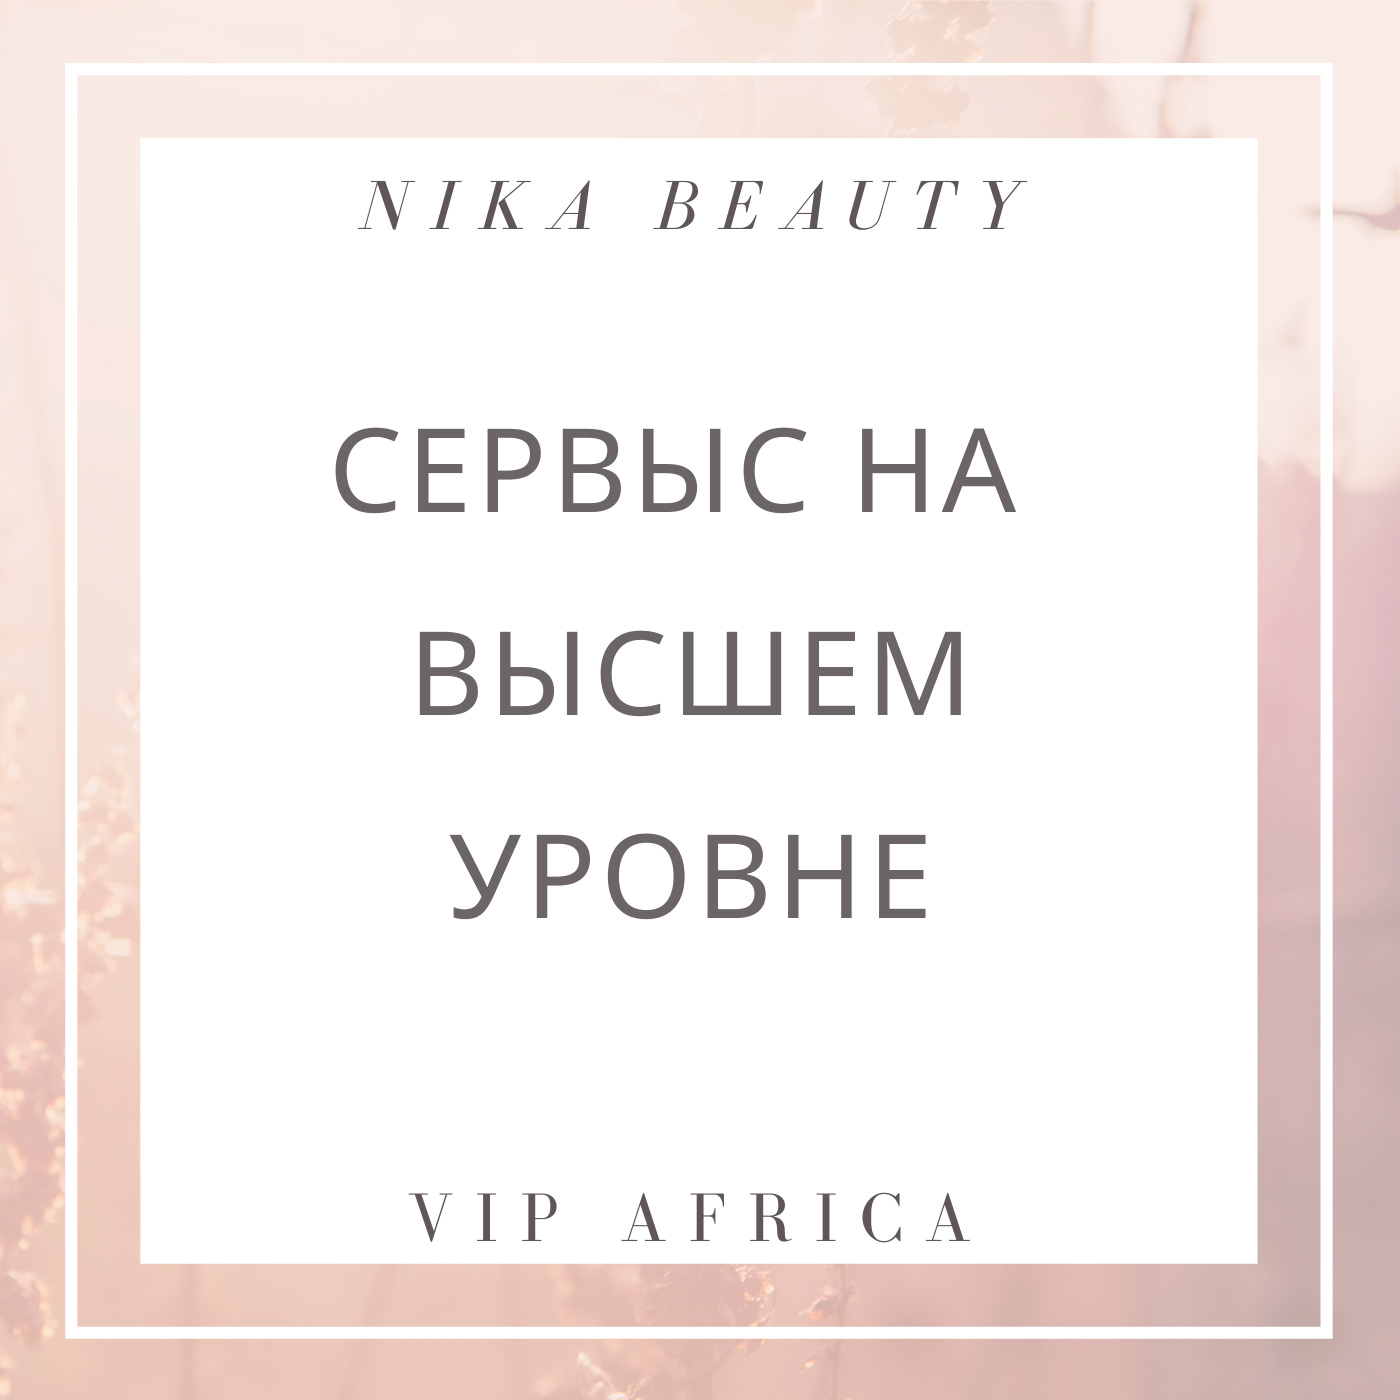 обучение салон красоты Ника и Африка